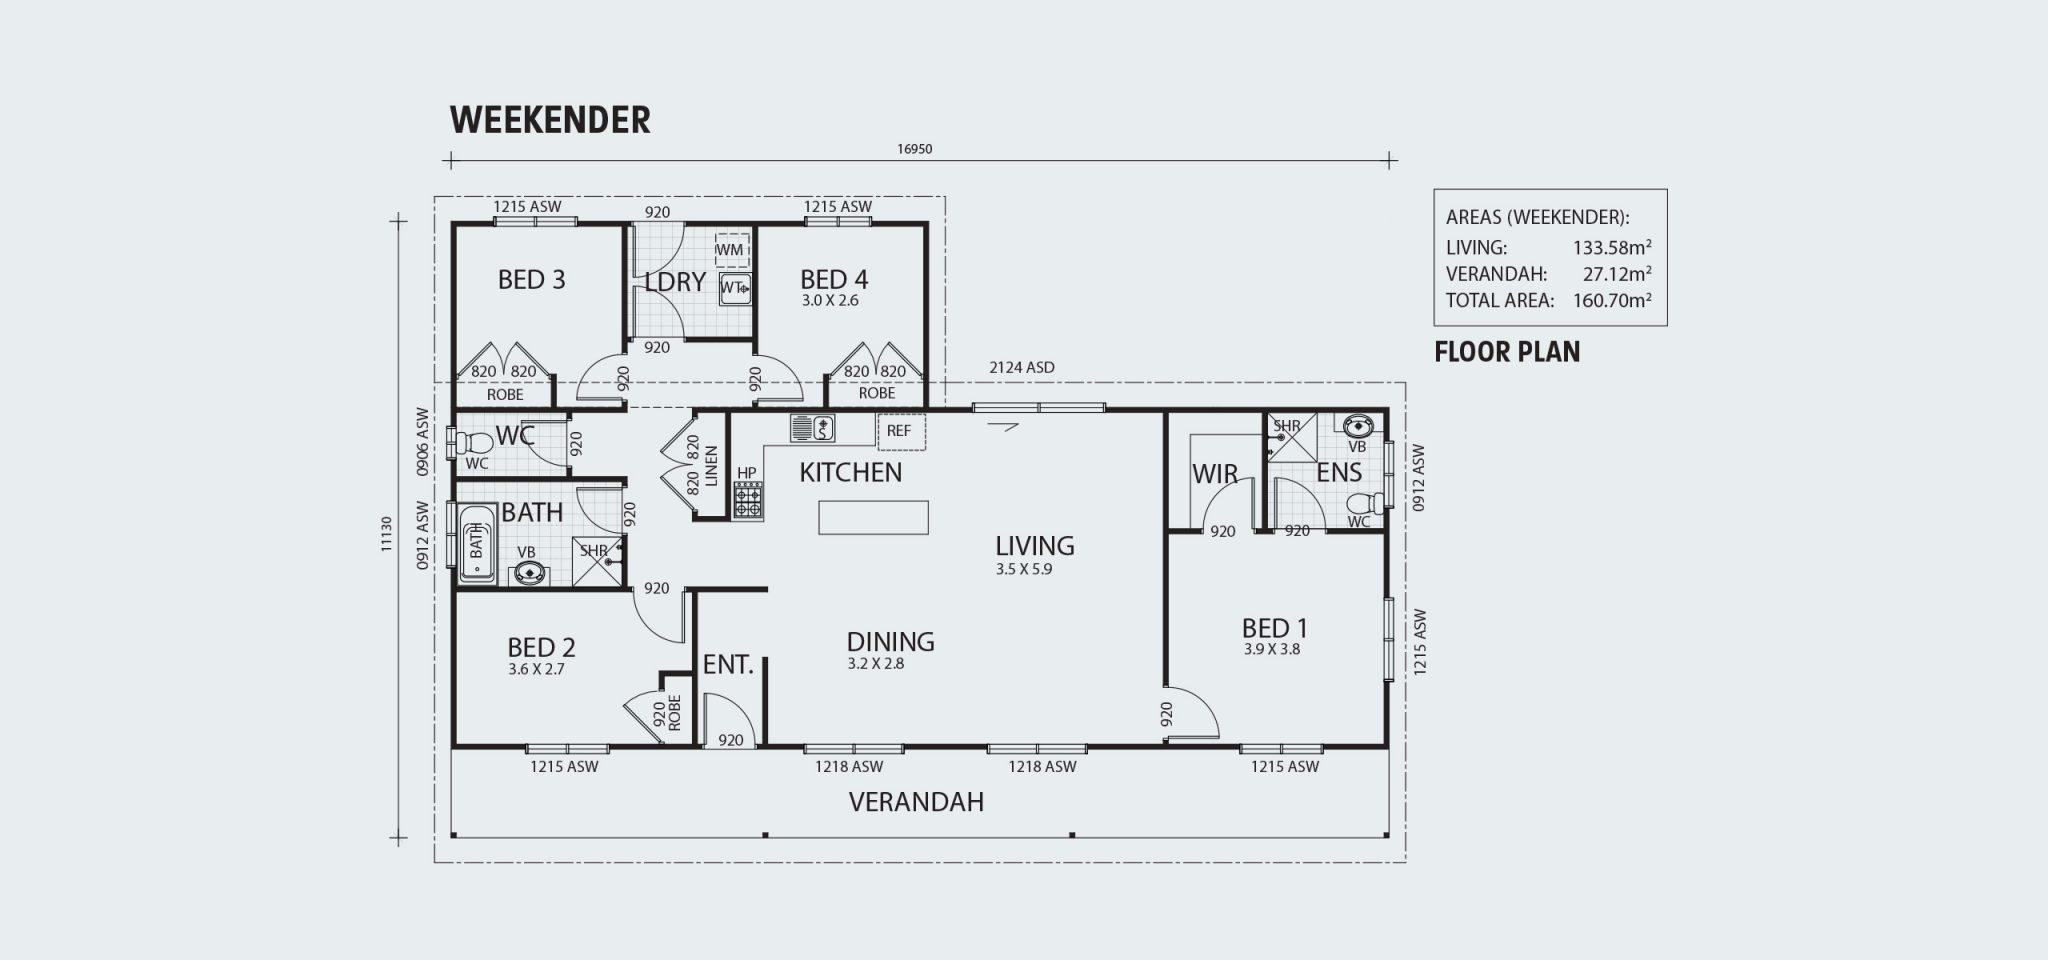 Weekender R160 Floorplan